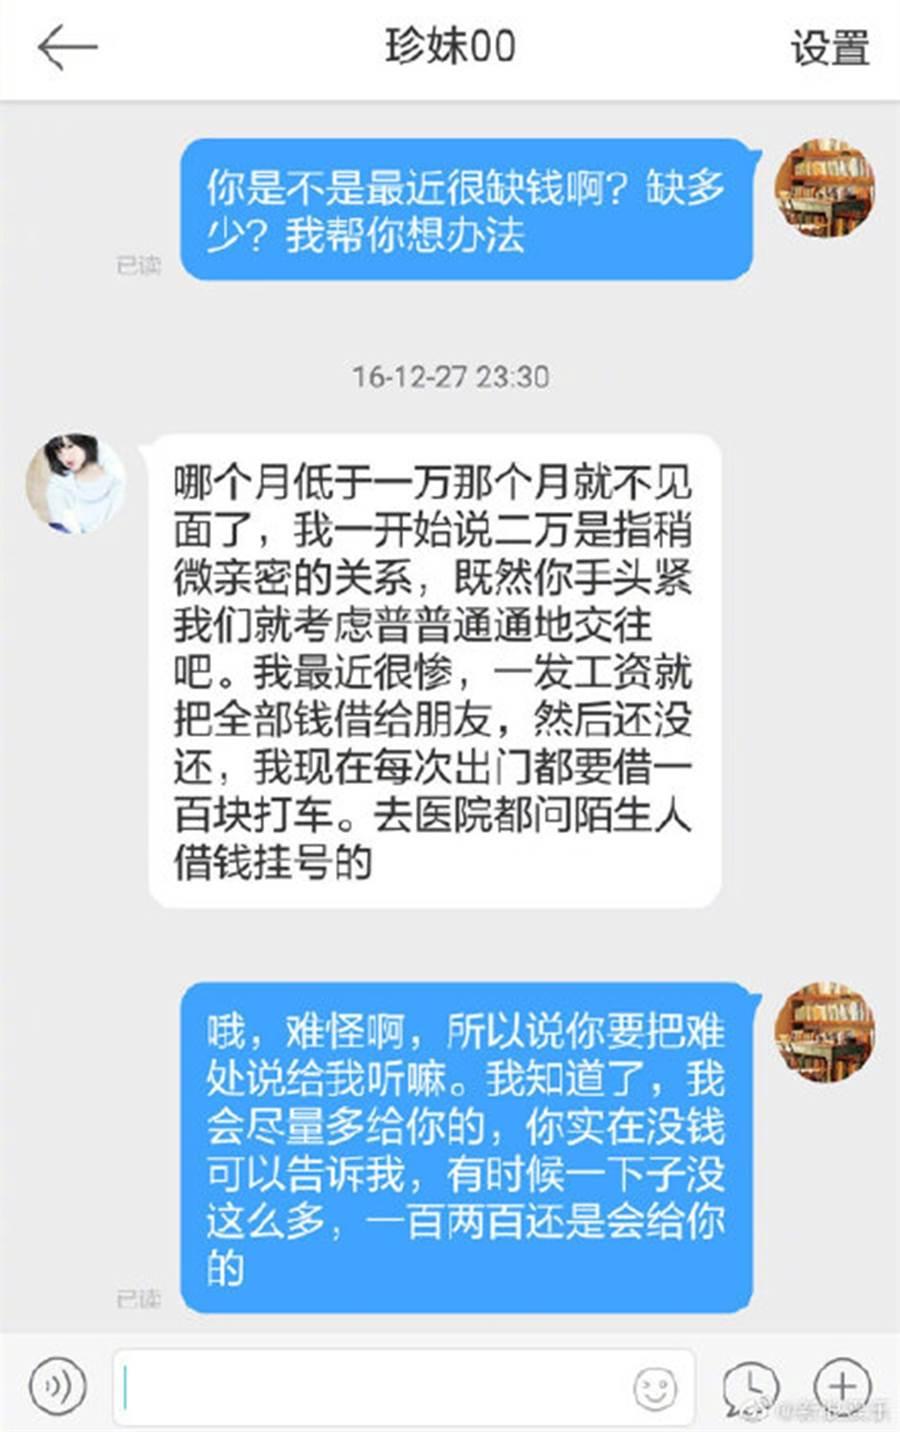 陳美君私聯粉絲訊息曝光。(圖/翻攝自新浪娛樂微博)